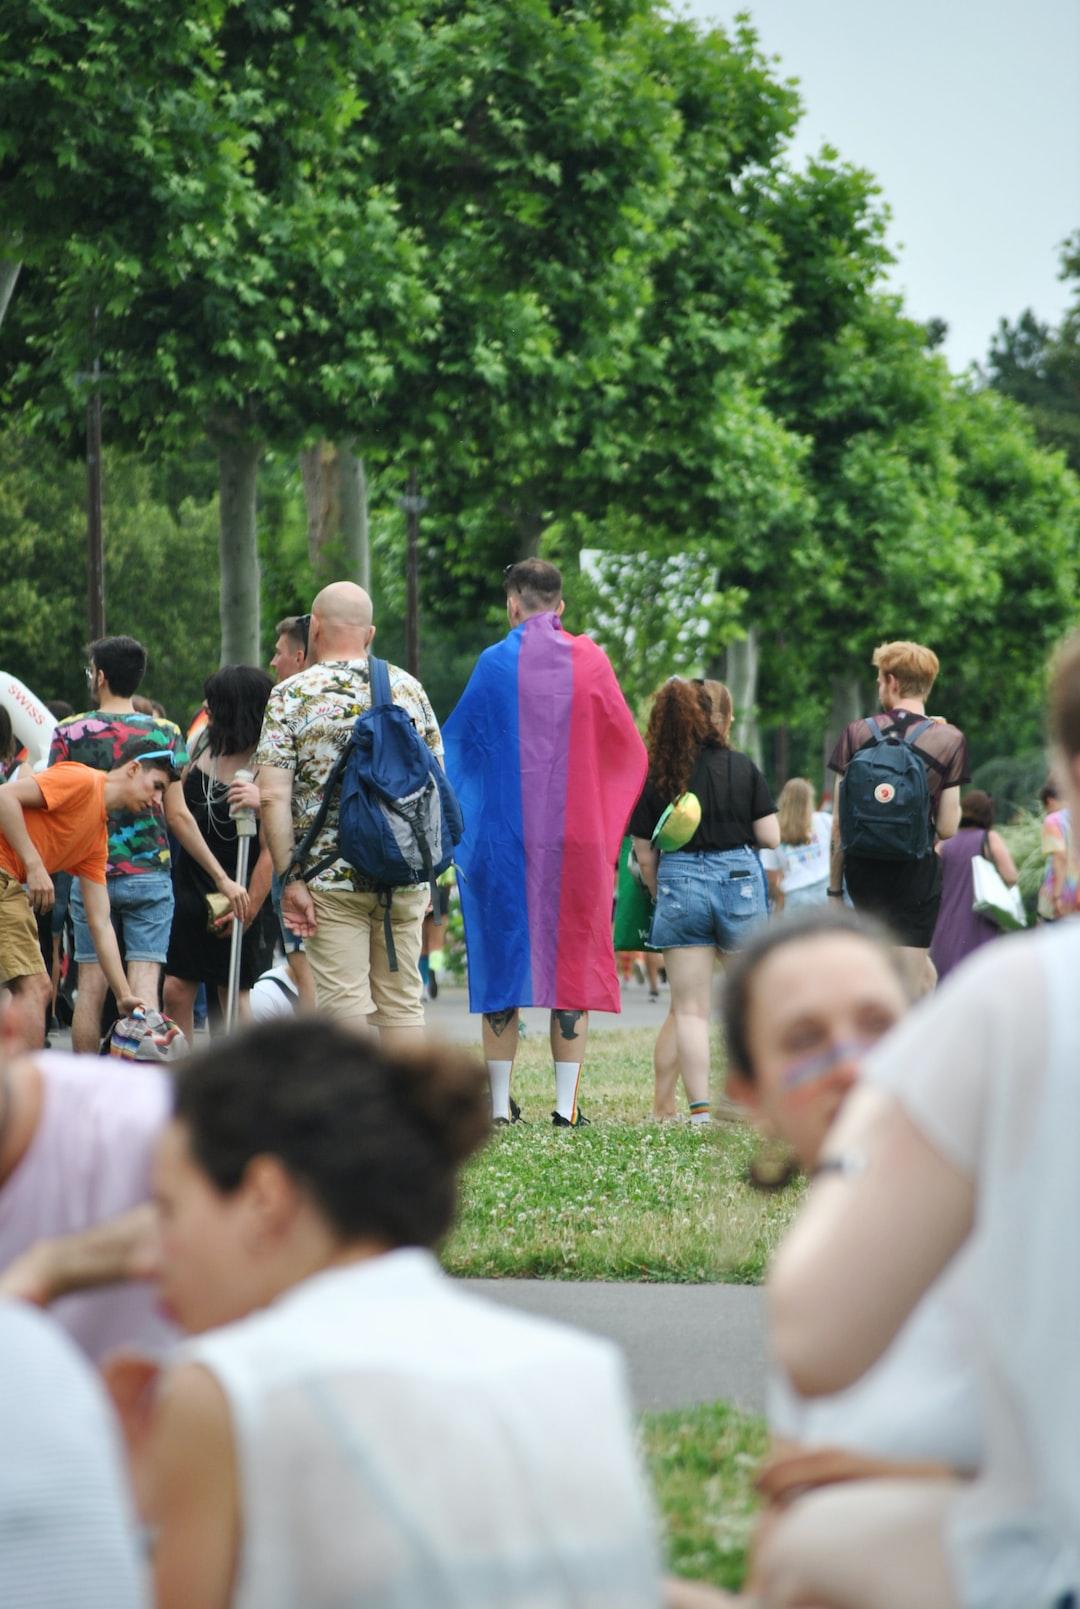 July 7th 2019, pride parade day in Geneva.